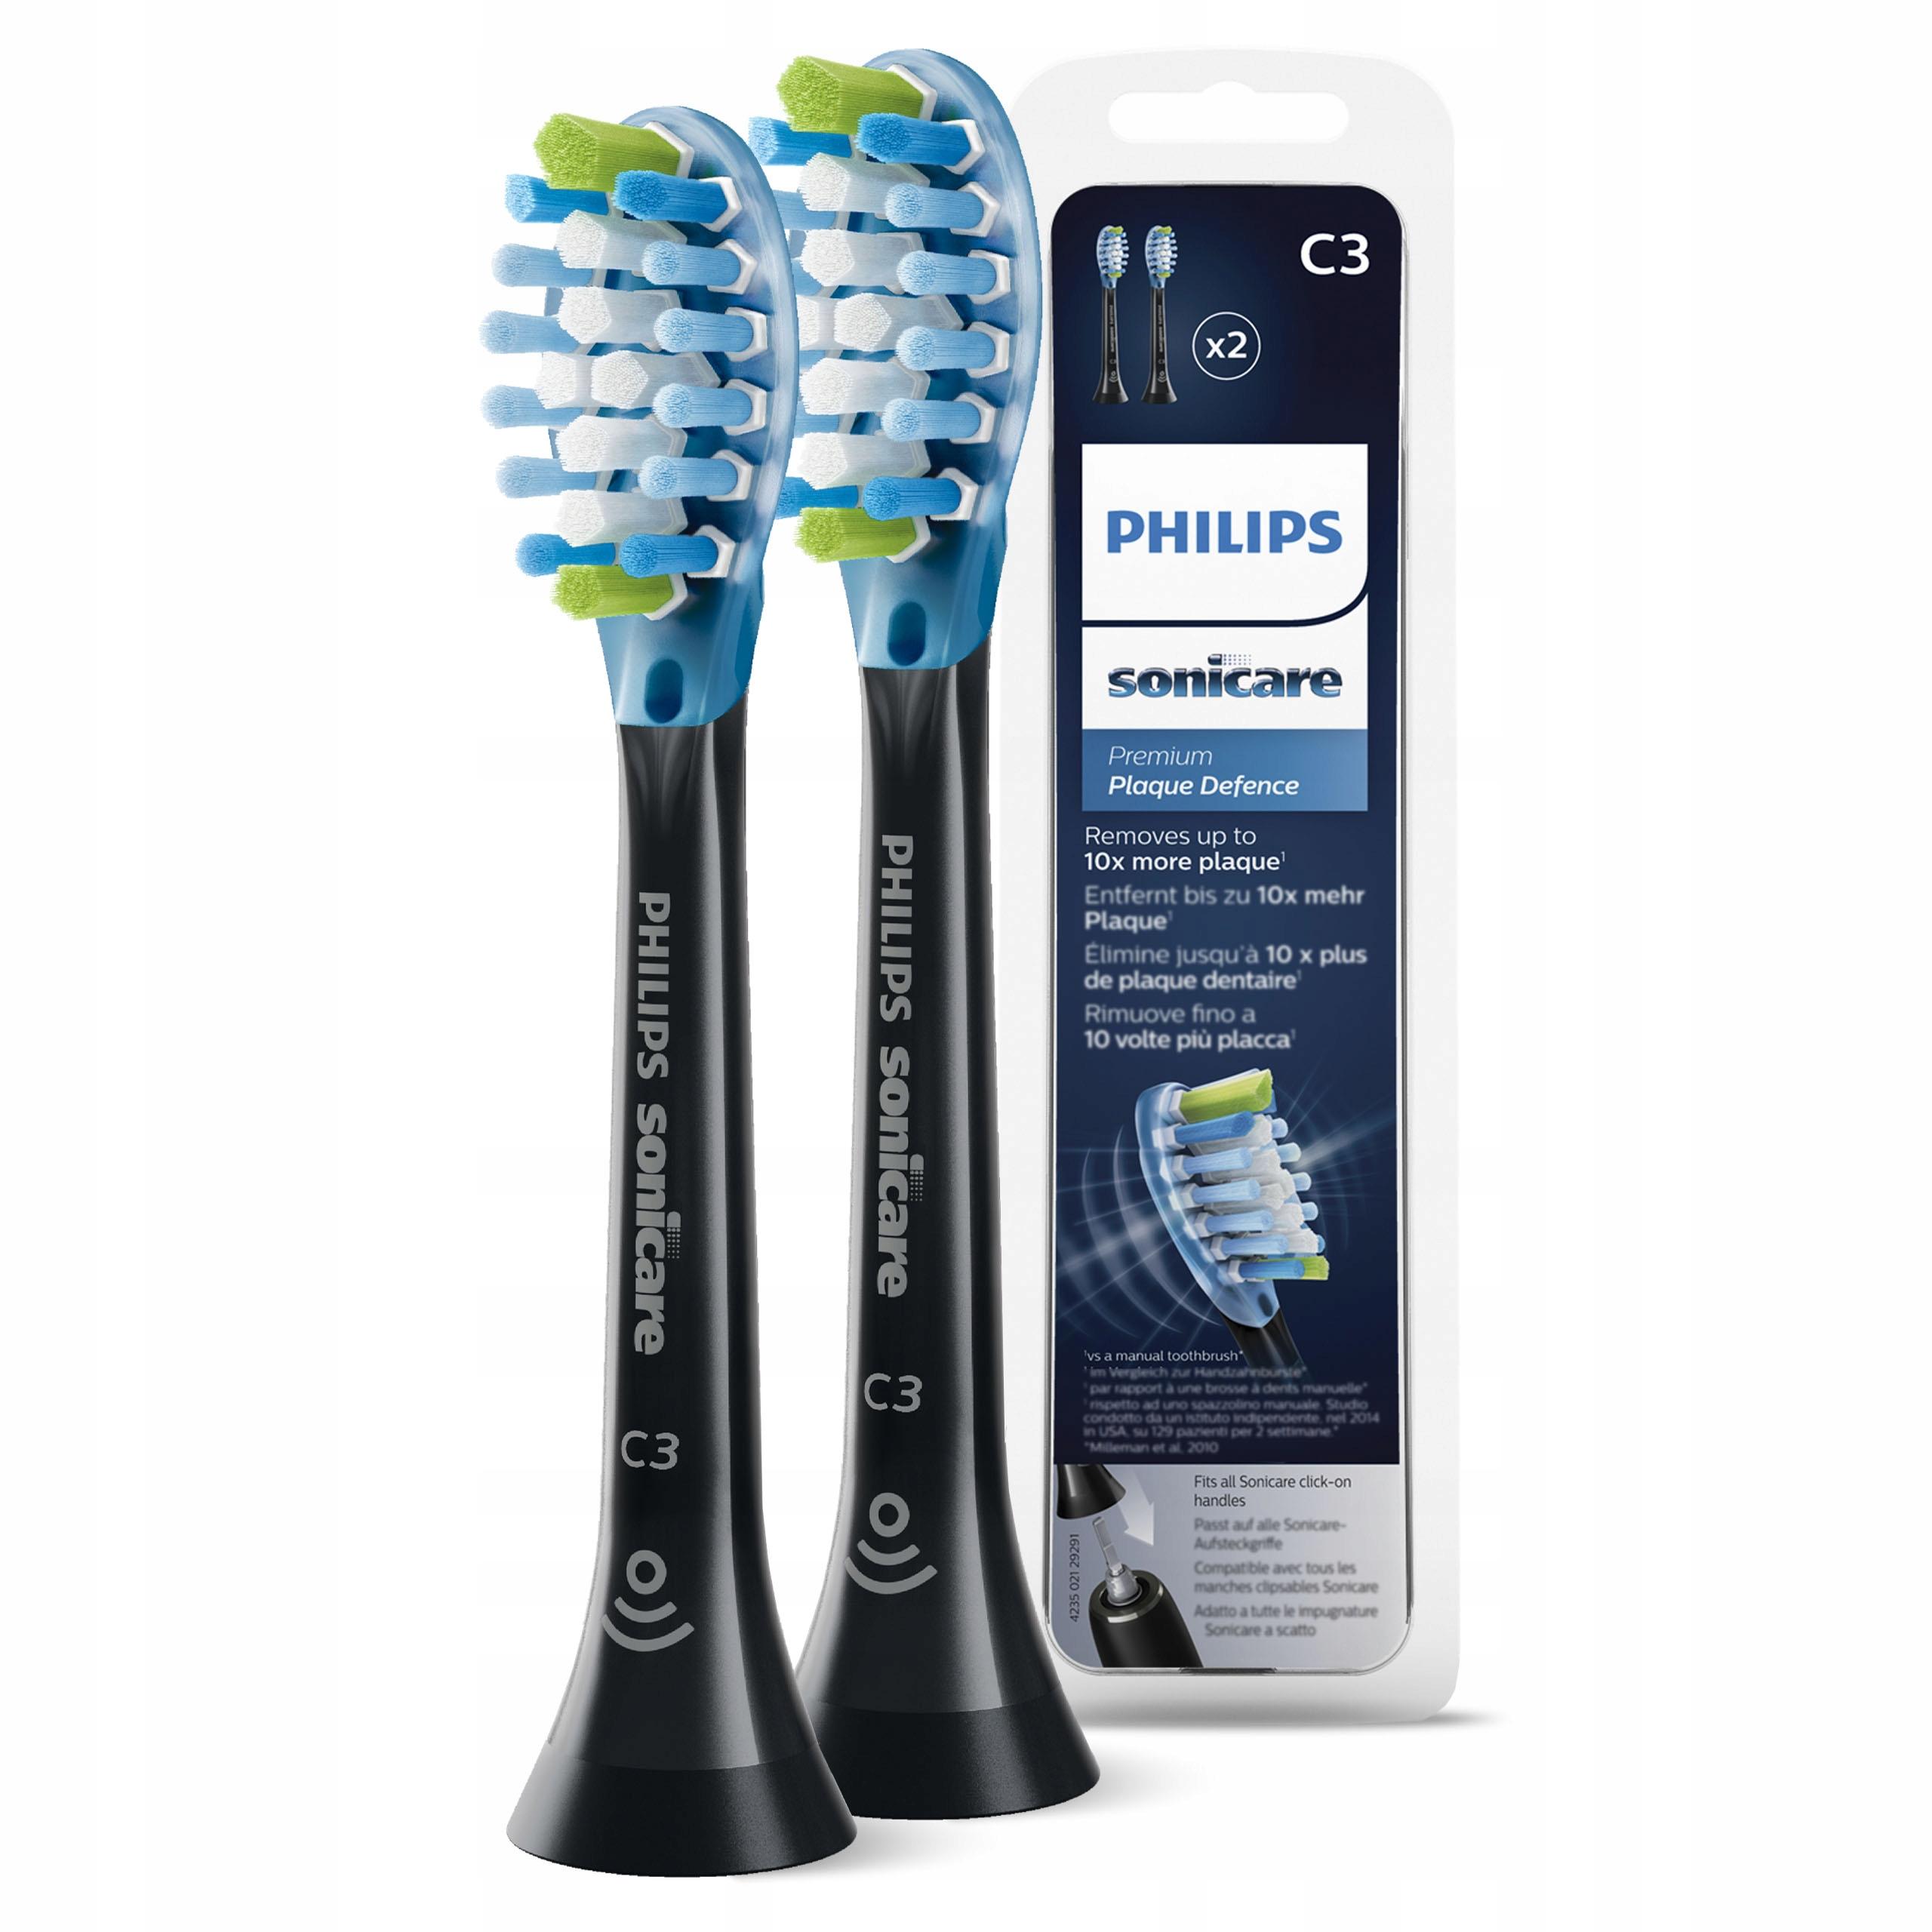 2 насадки Philips Sonicare C3 Premium HX9042 33